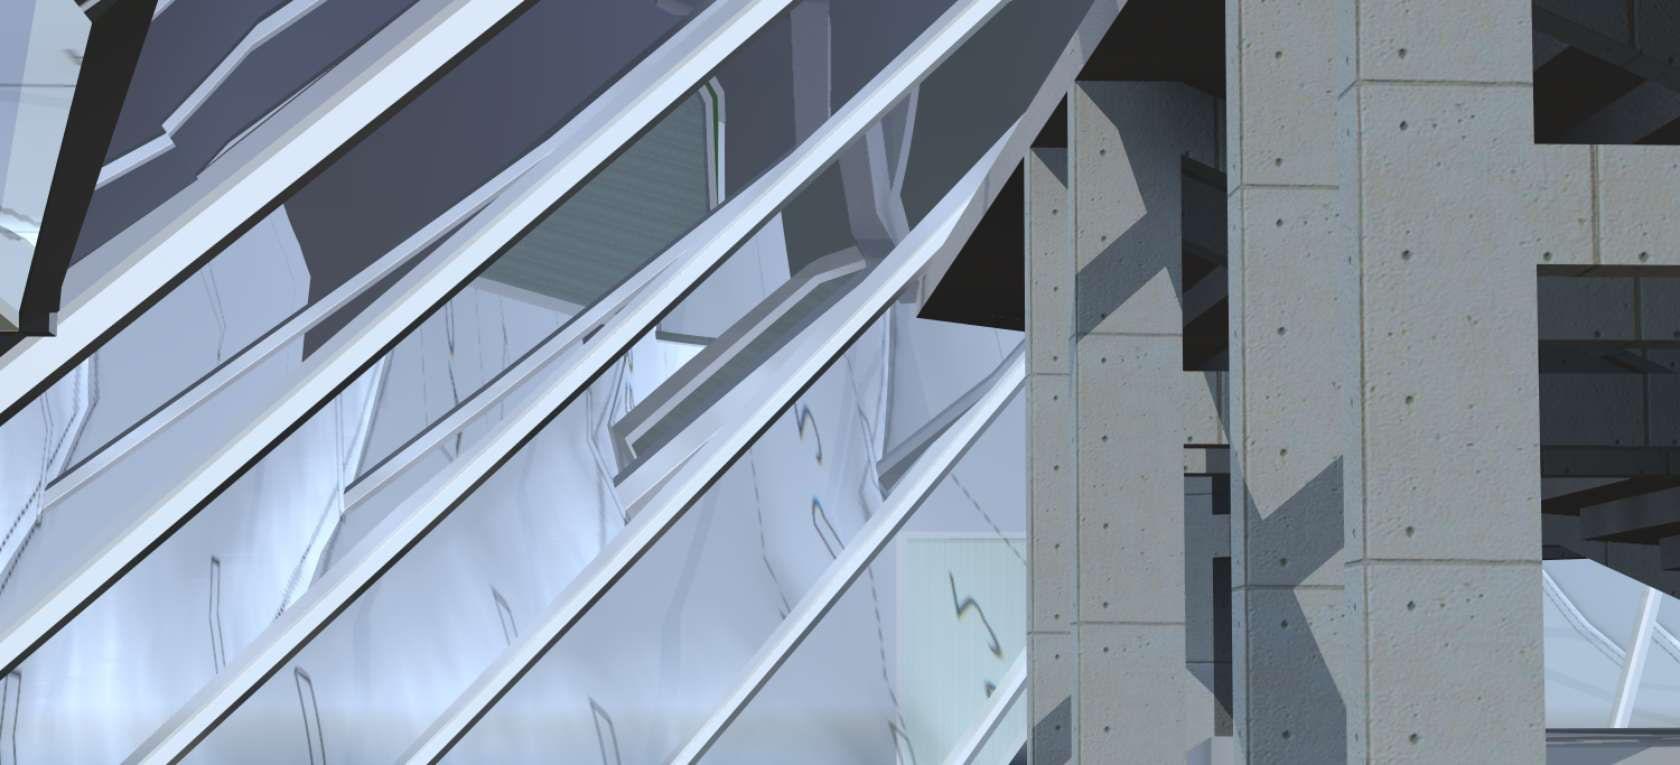 Laura pereira arquitectura architizer - Arquitectura pereira ...